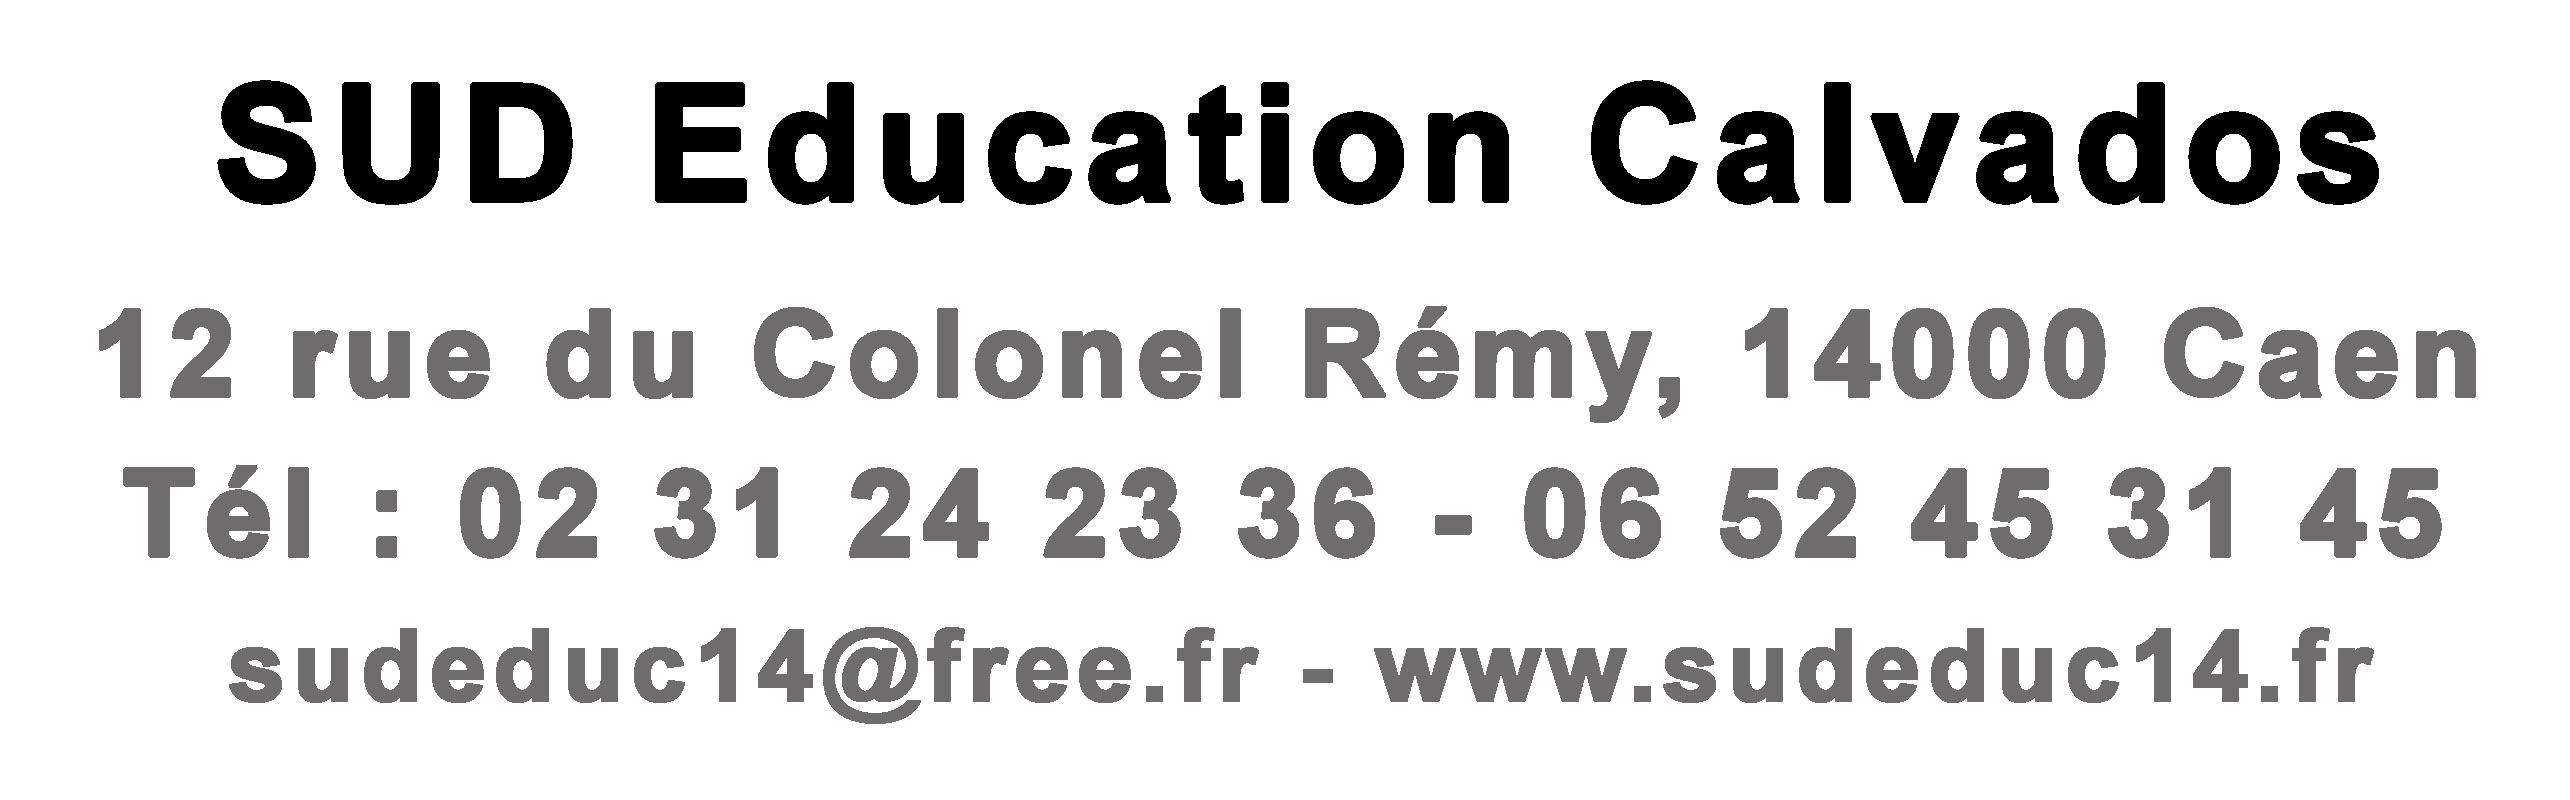 Coordonnées SUD Education14